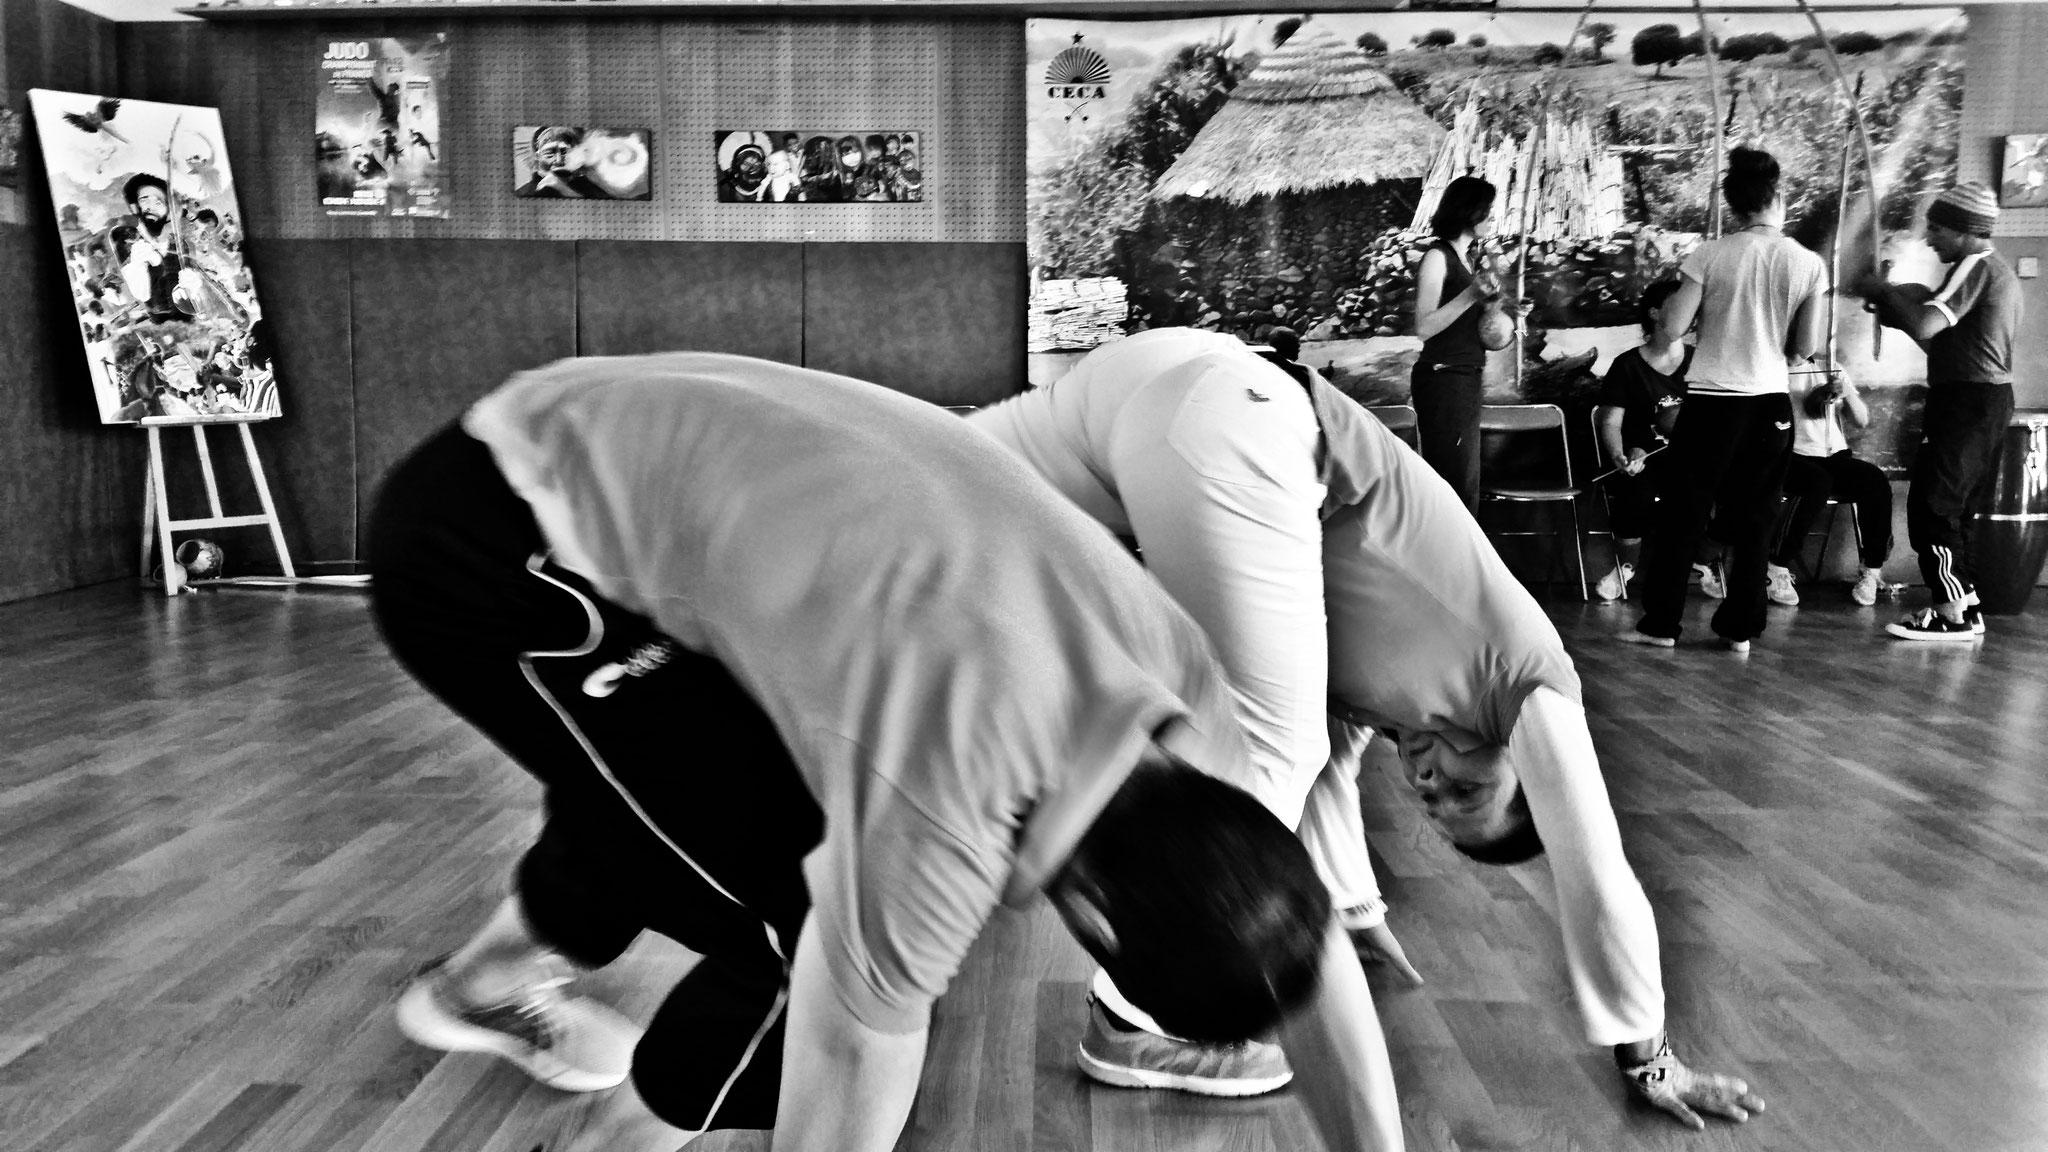 CECA - Bincadeira de angola 2 - capoeira angola 3